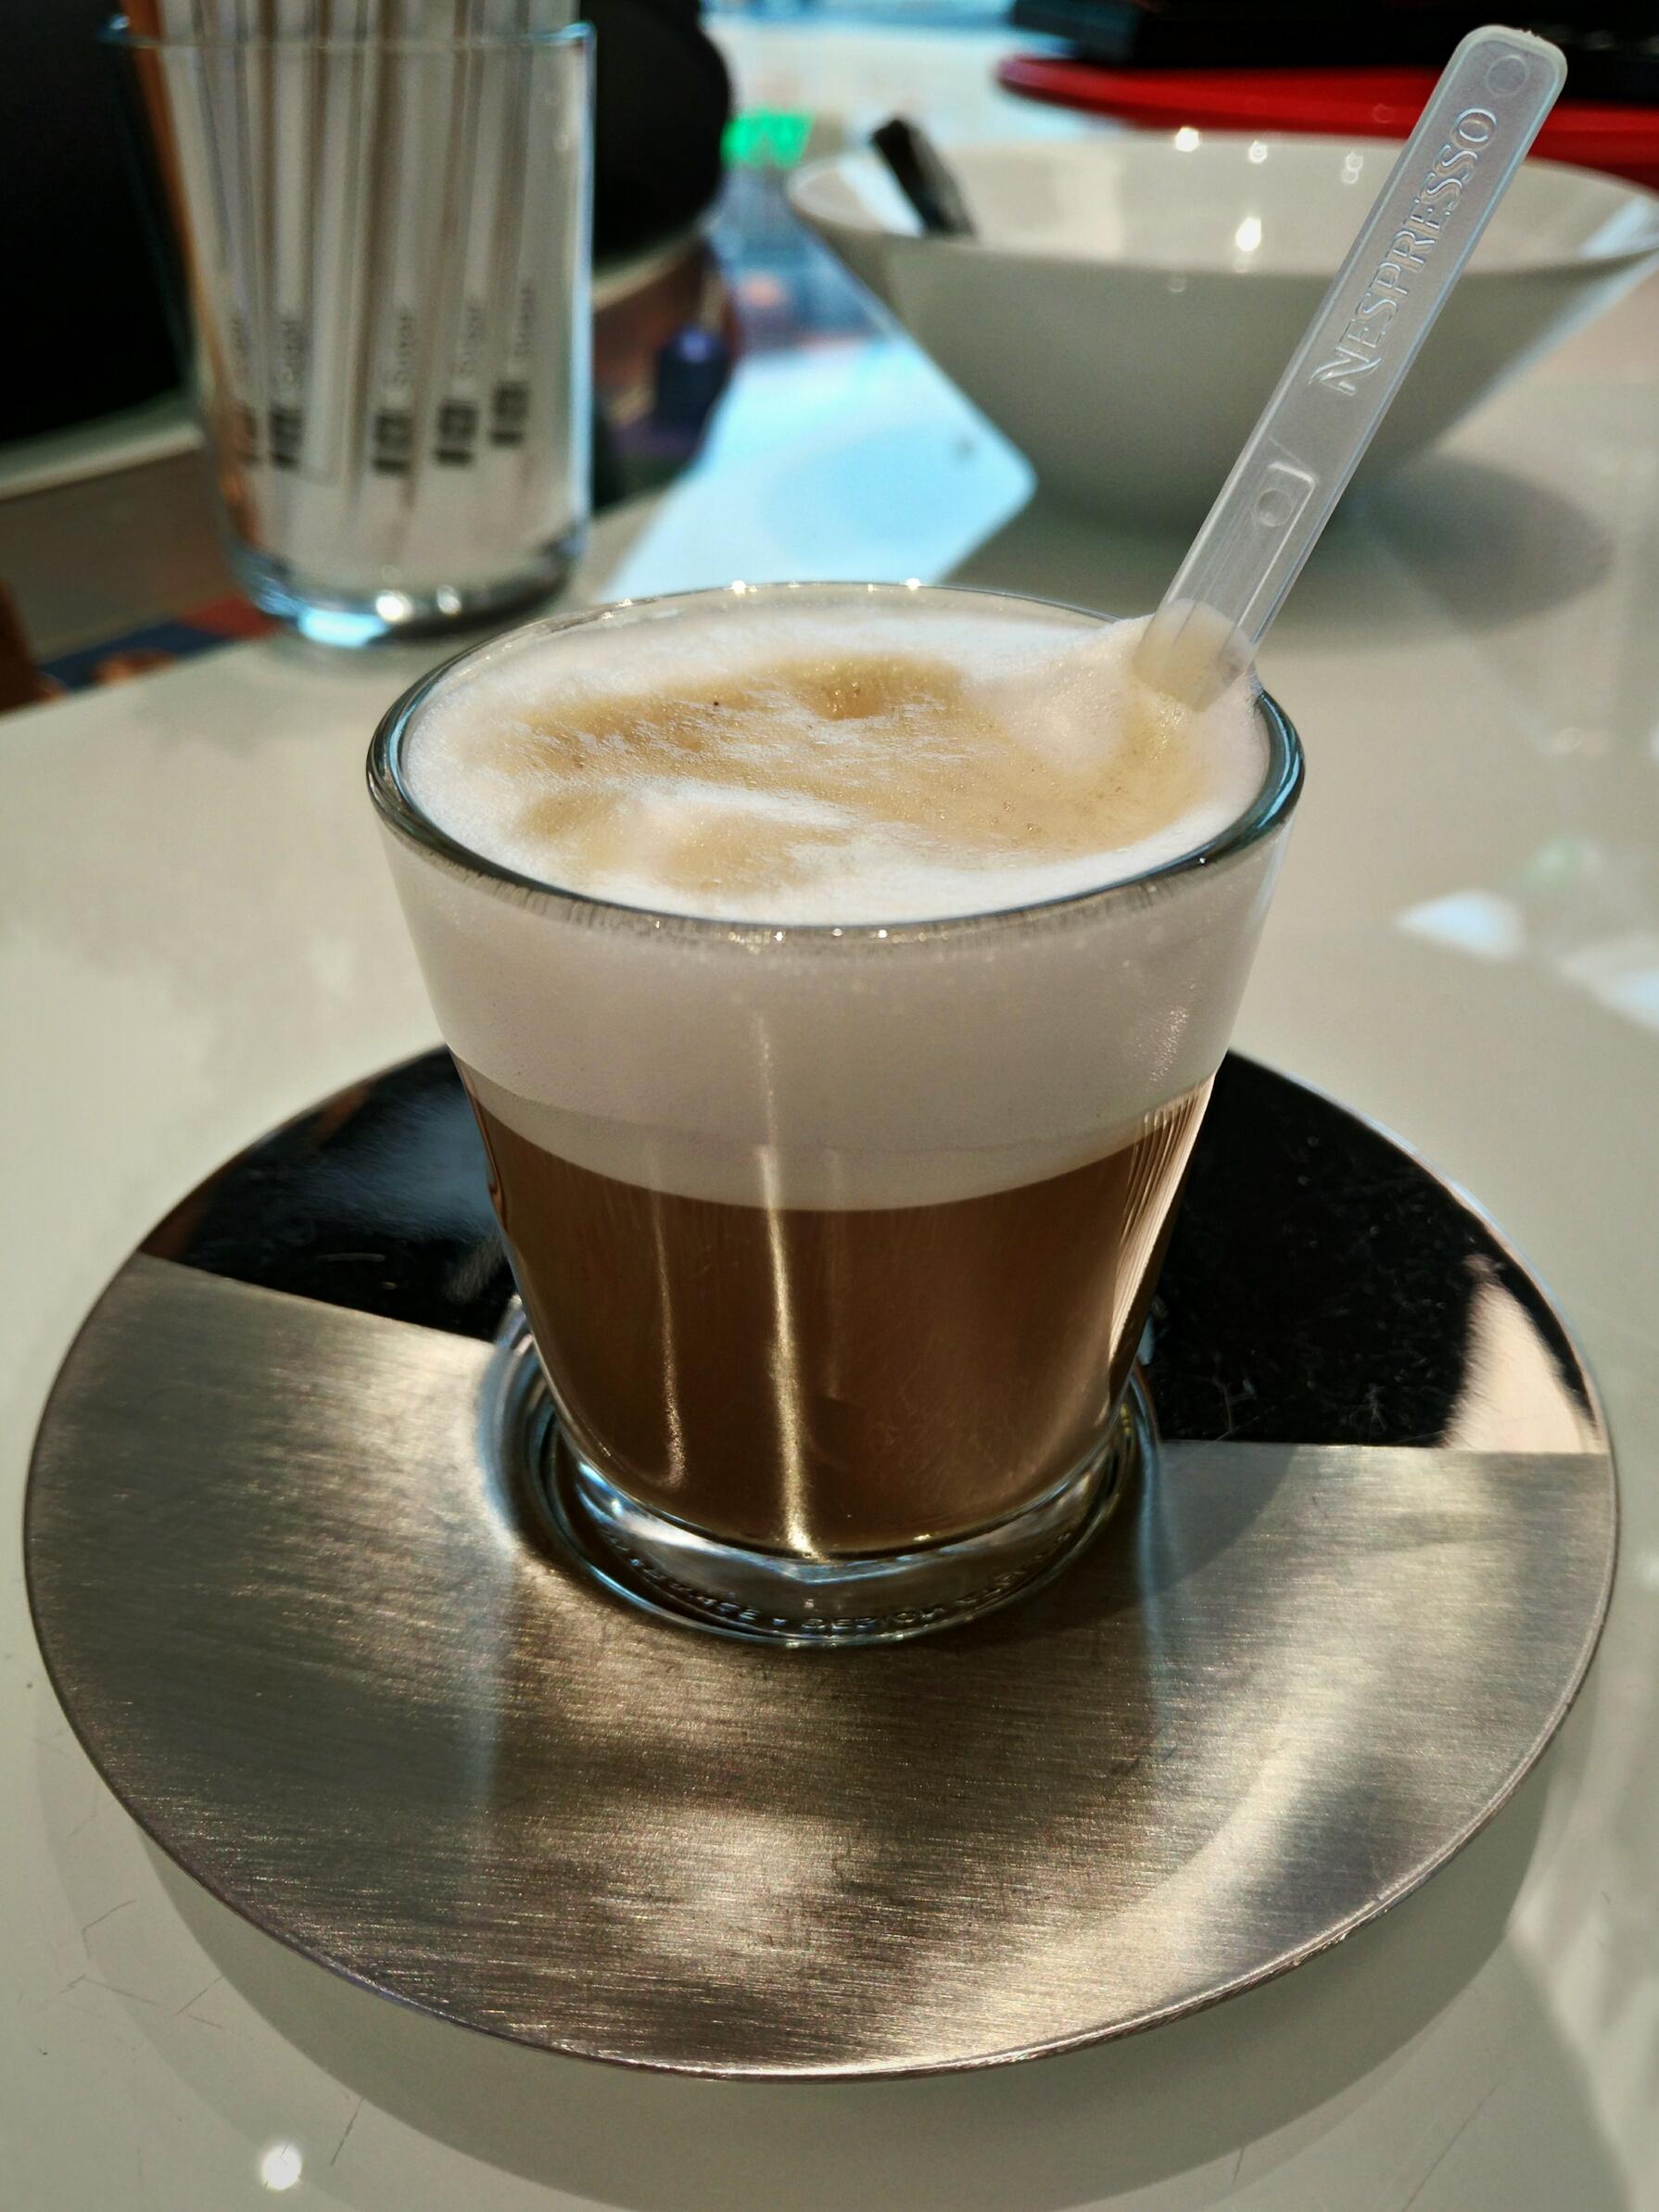 Café Noisette C Est Quoi caffè macchiato — wikipédia